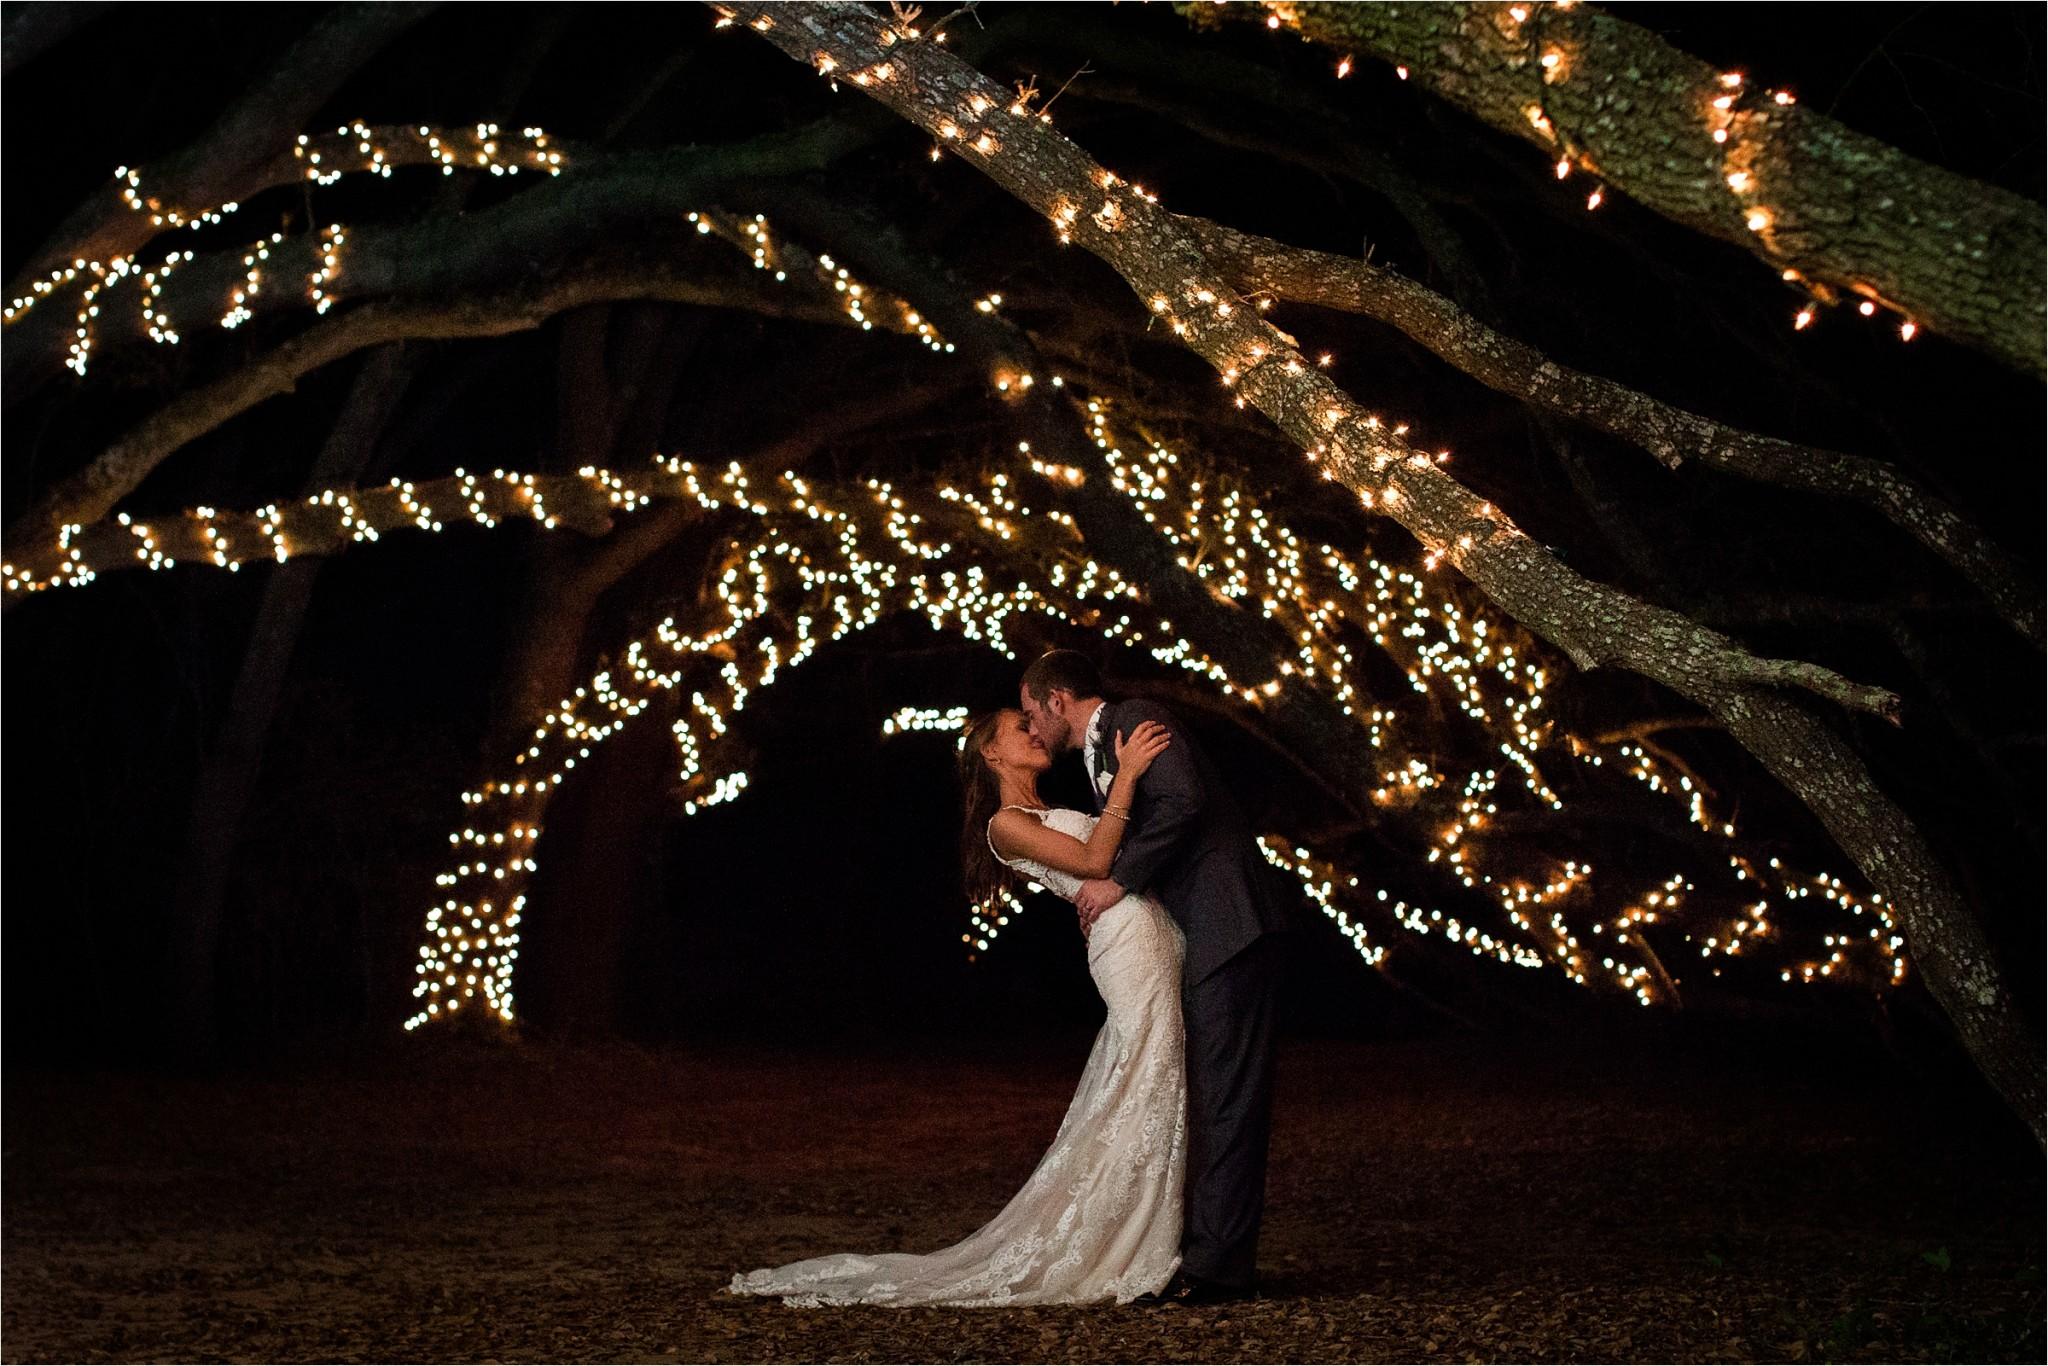 Lewis_Oak_Hollow_Wedding_Fairhope_AL_0102